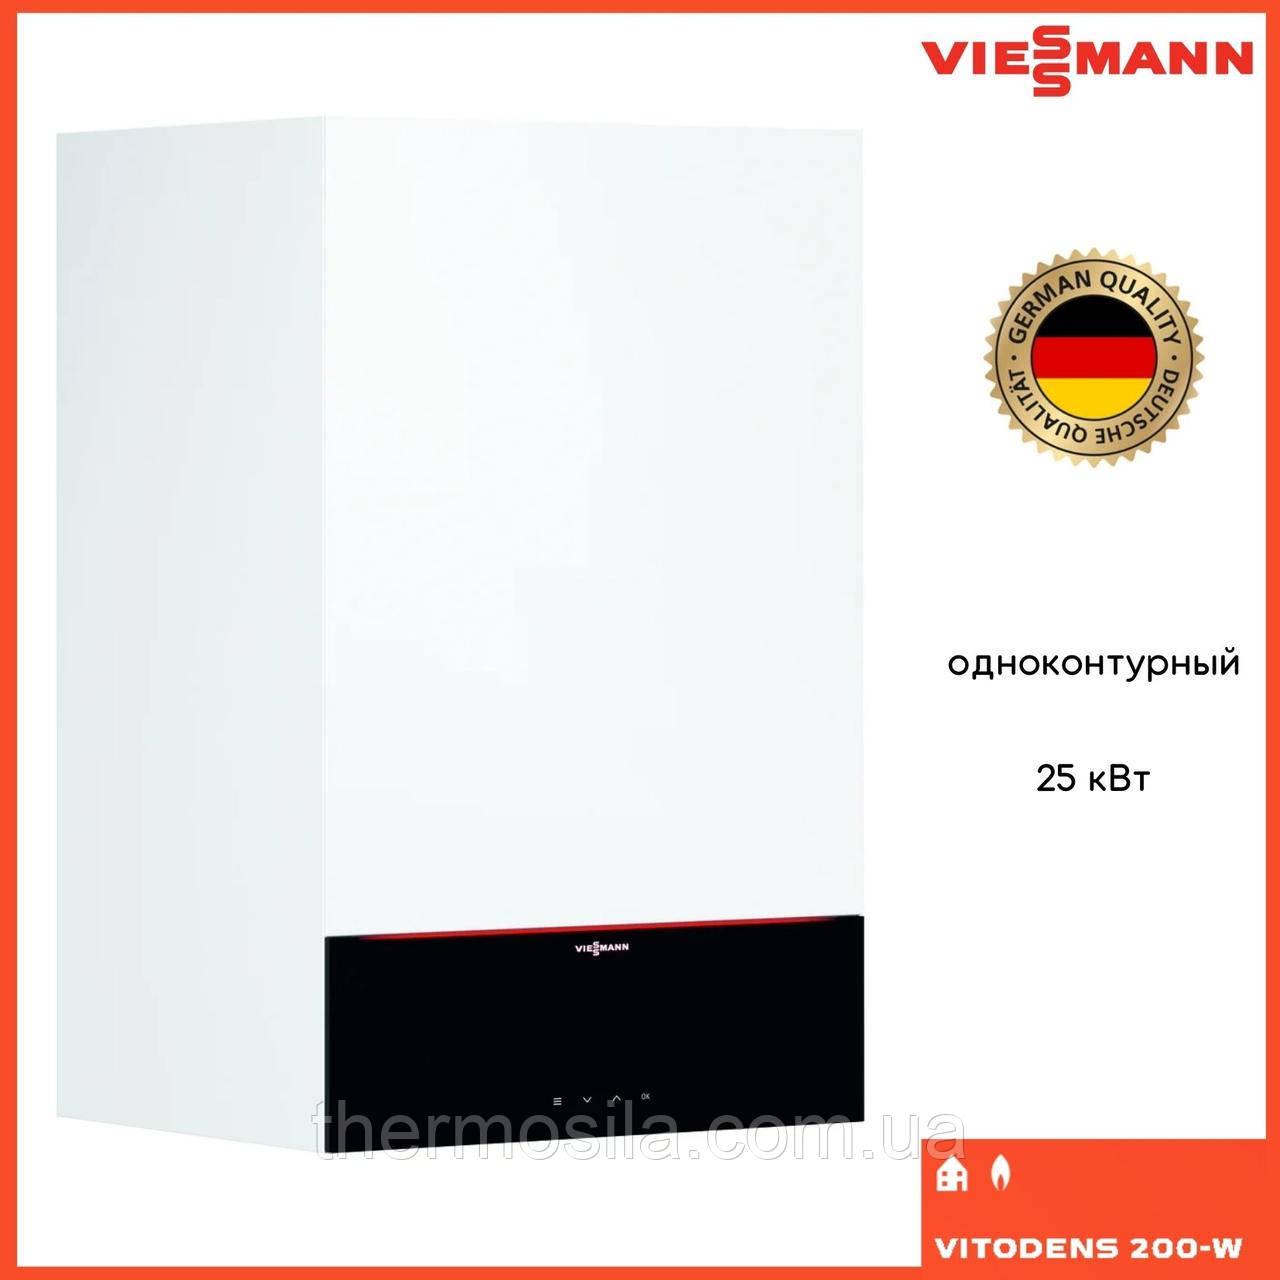 Газовий конденсаційний котел Viessmann VITODENS 200-W 25 кВт Umlauf одноконтурний турбований